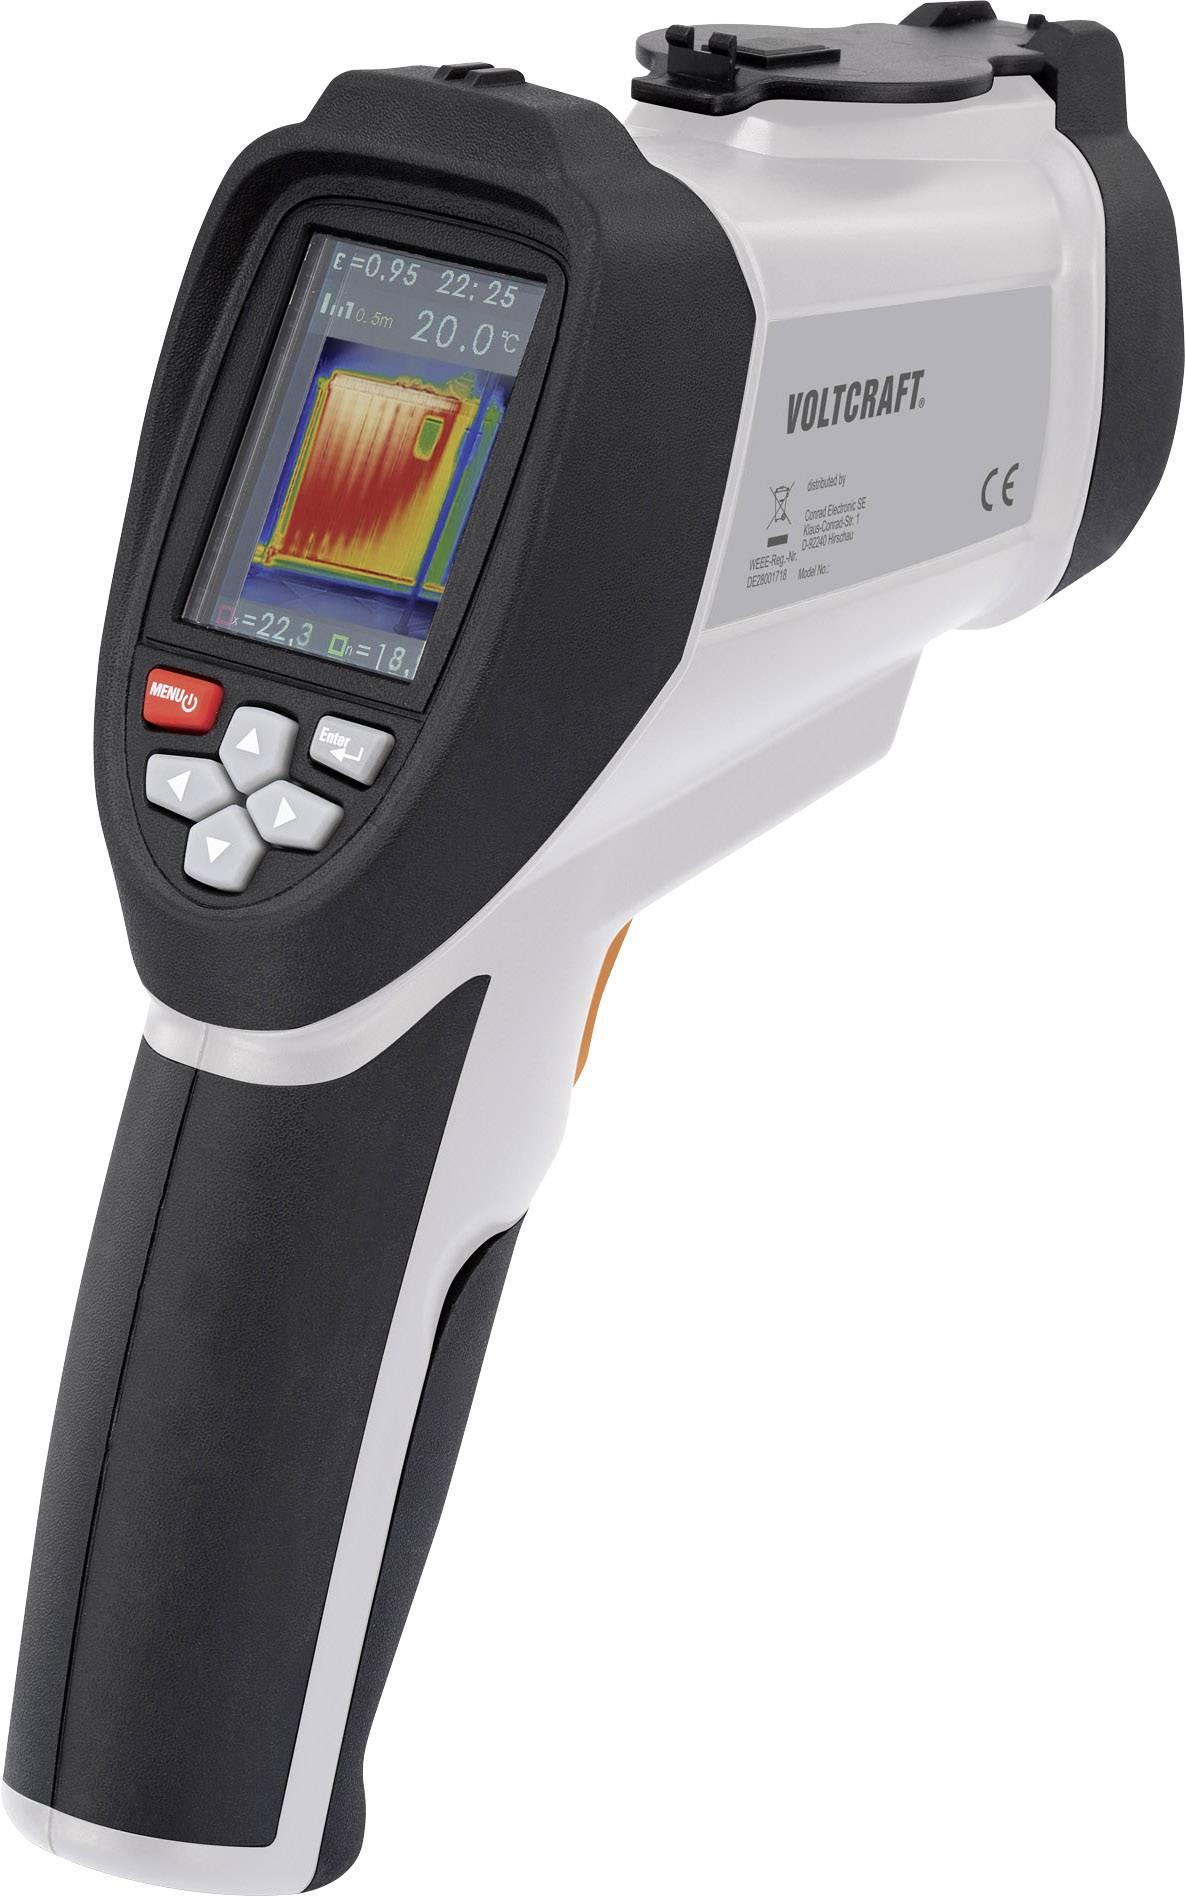 Termokamera VOLTCRAFT PT-32 SE, 32 x 31 pix